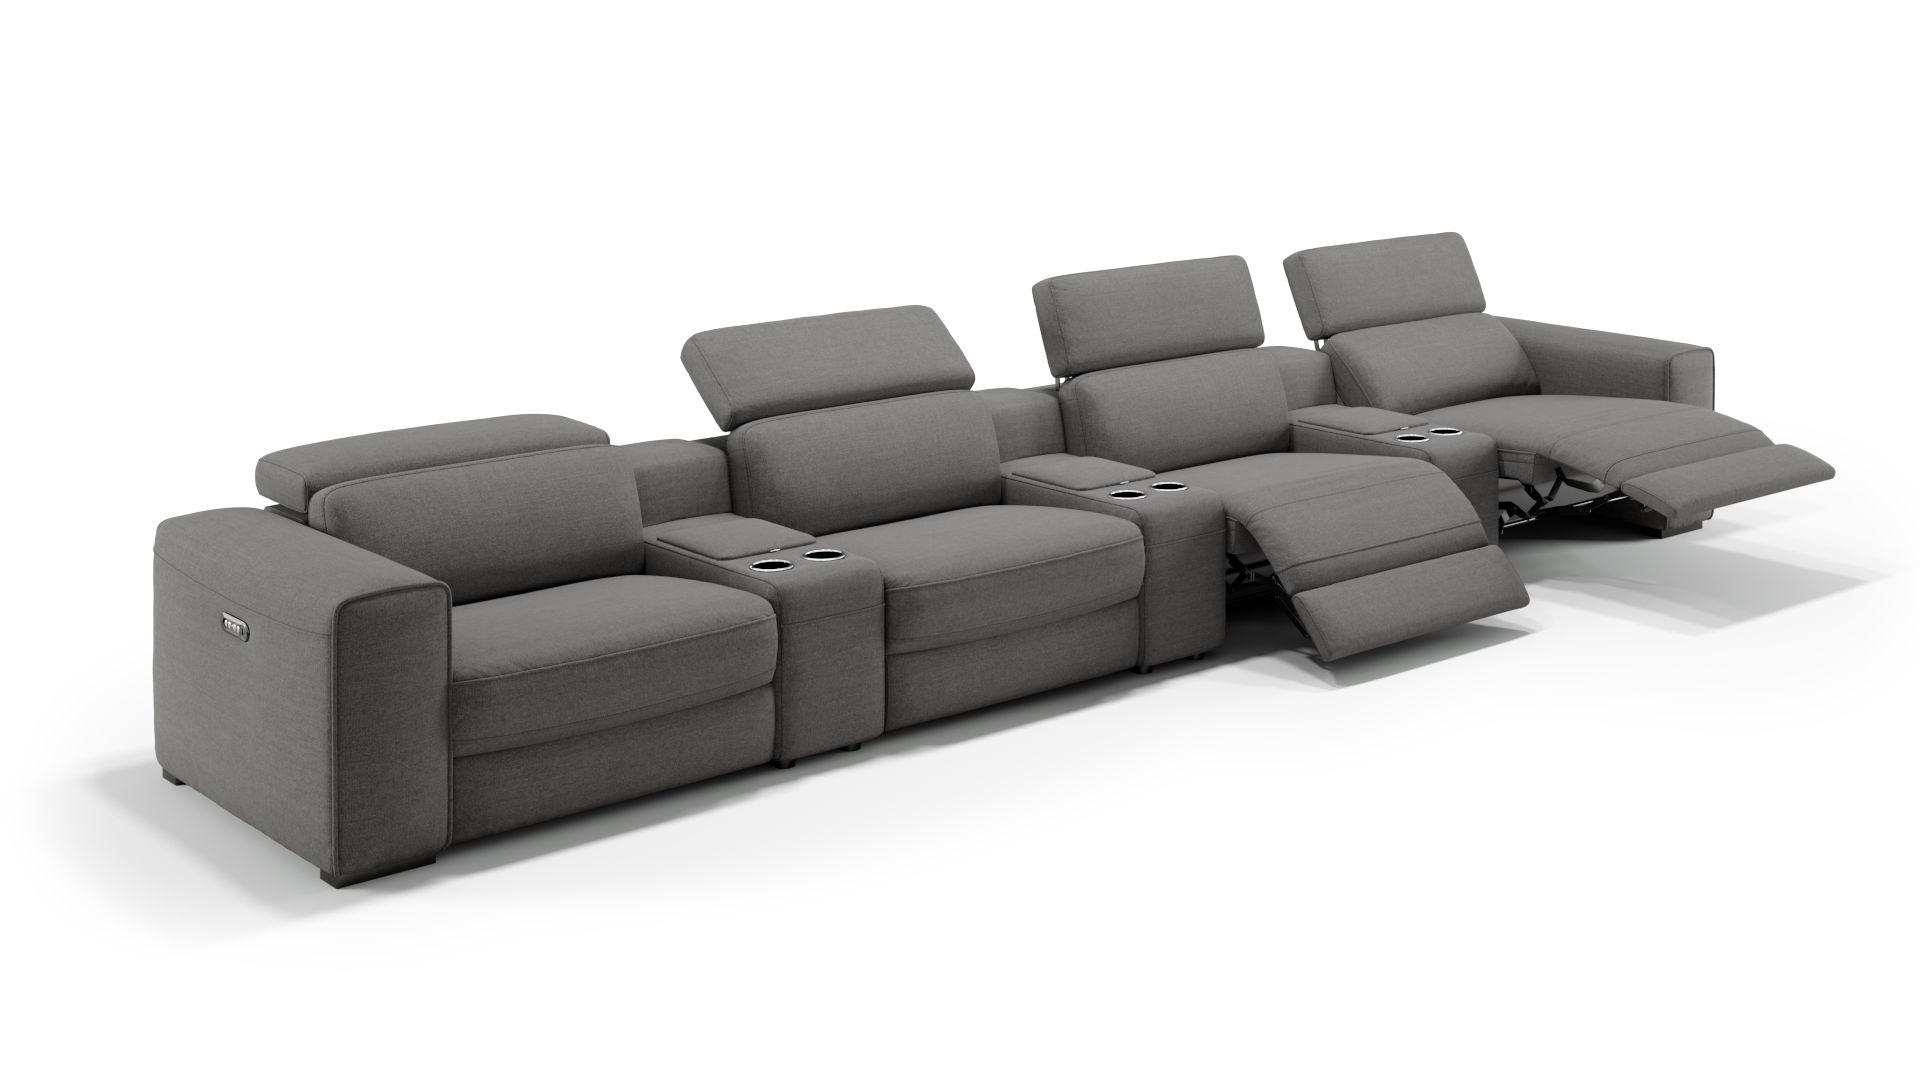 Stoff 4-Sitzer Kinosofa mit drei Mittelkonsolen BOVINO